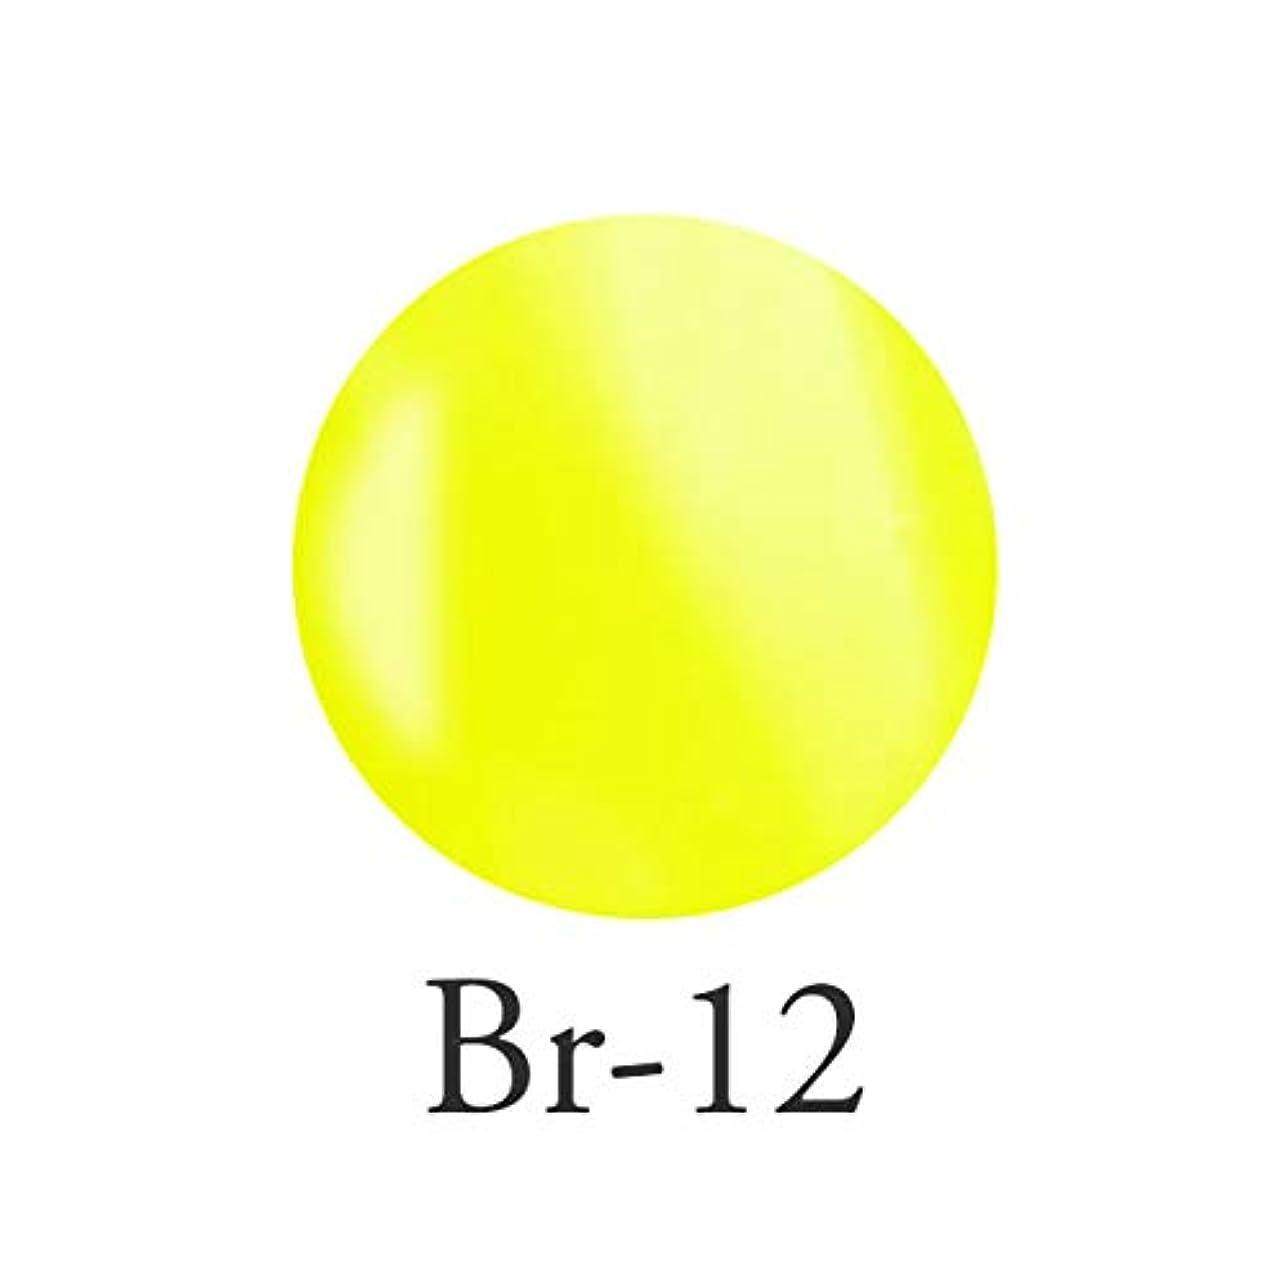 急速なシアー同性愛者エンジェル クィーンカラージェル オデットイエロー Br-12 3g